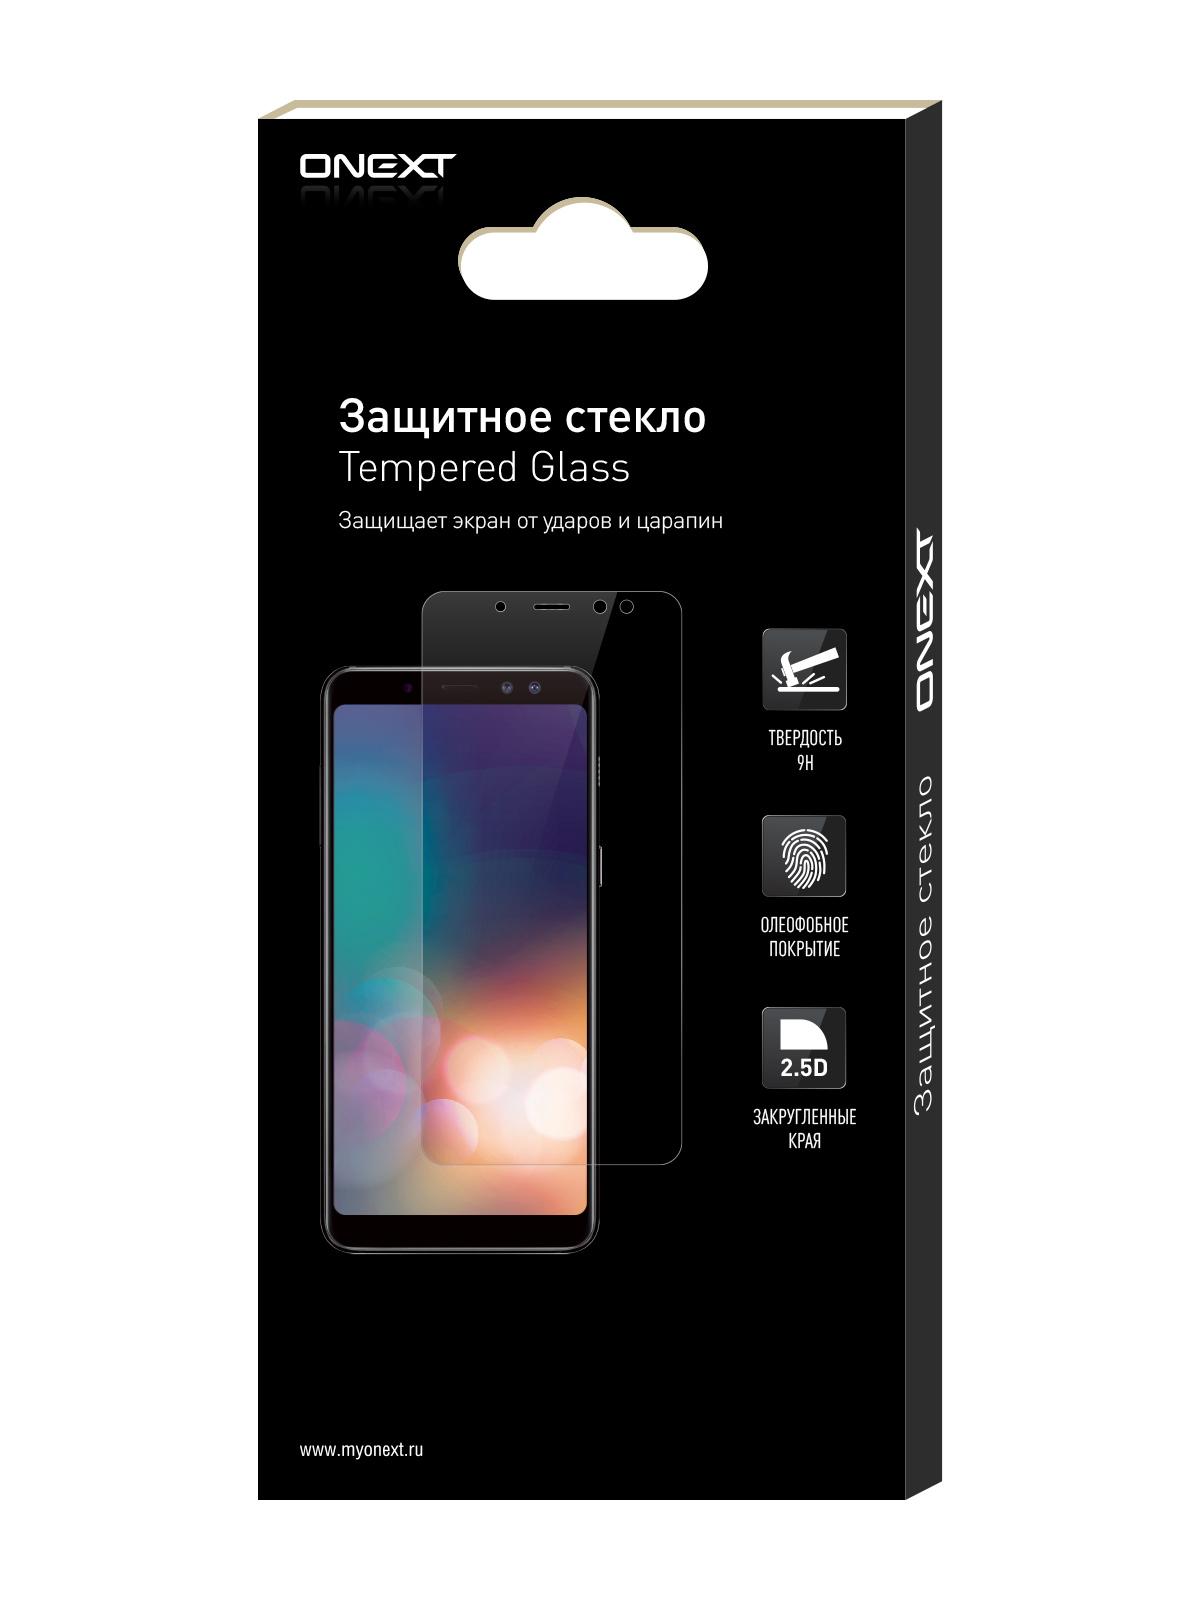 Защитное стекло ONEXT для Xiaomi Mi 5